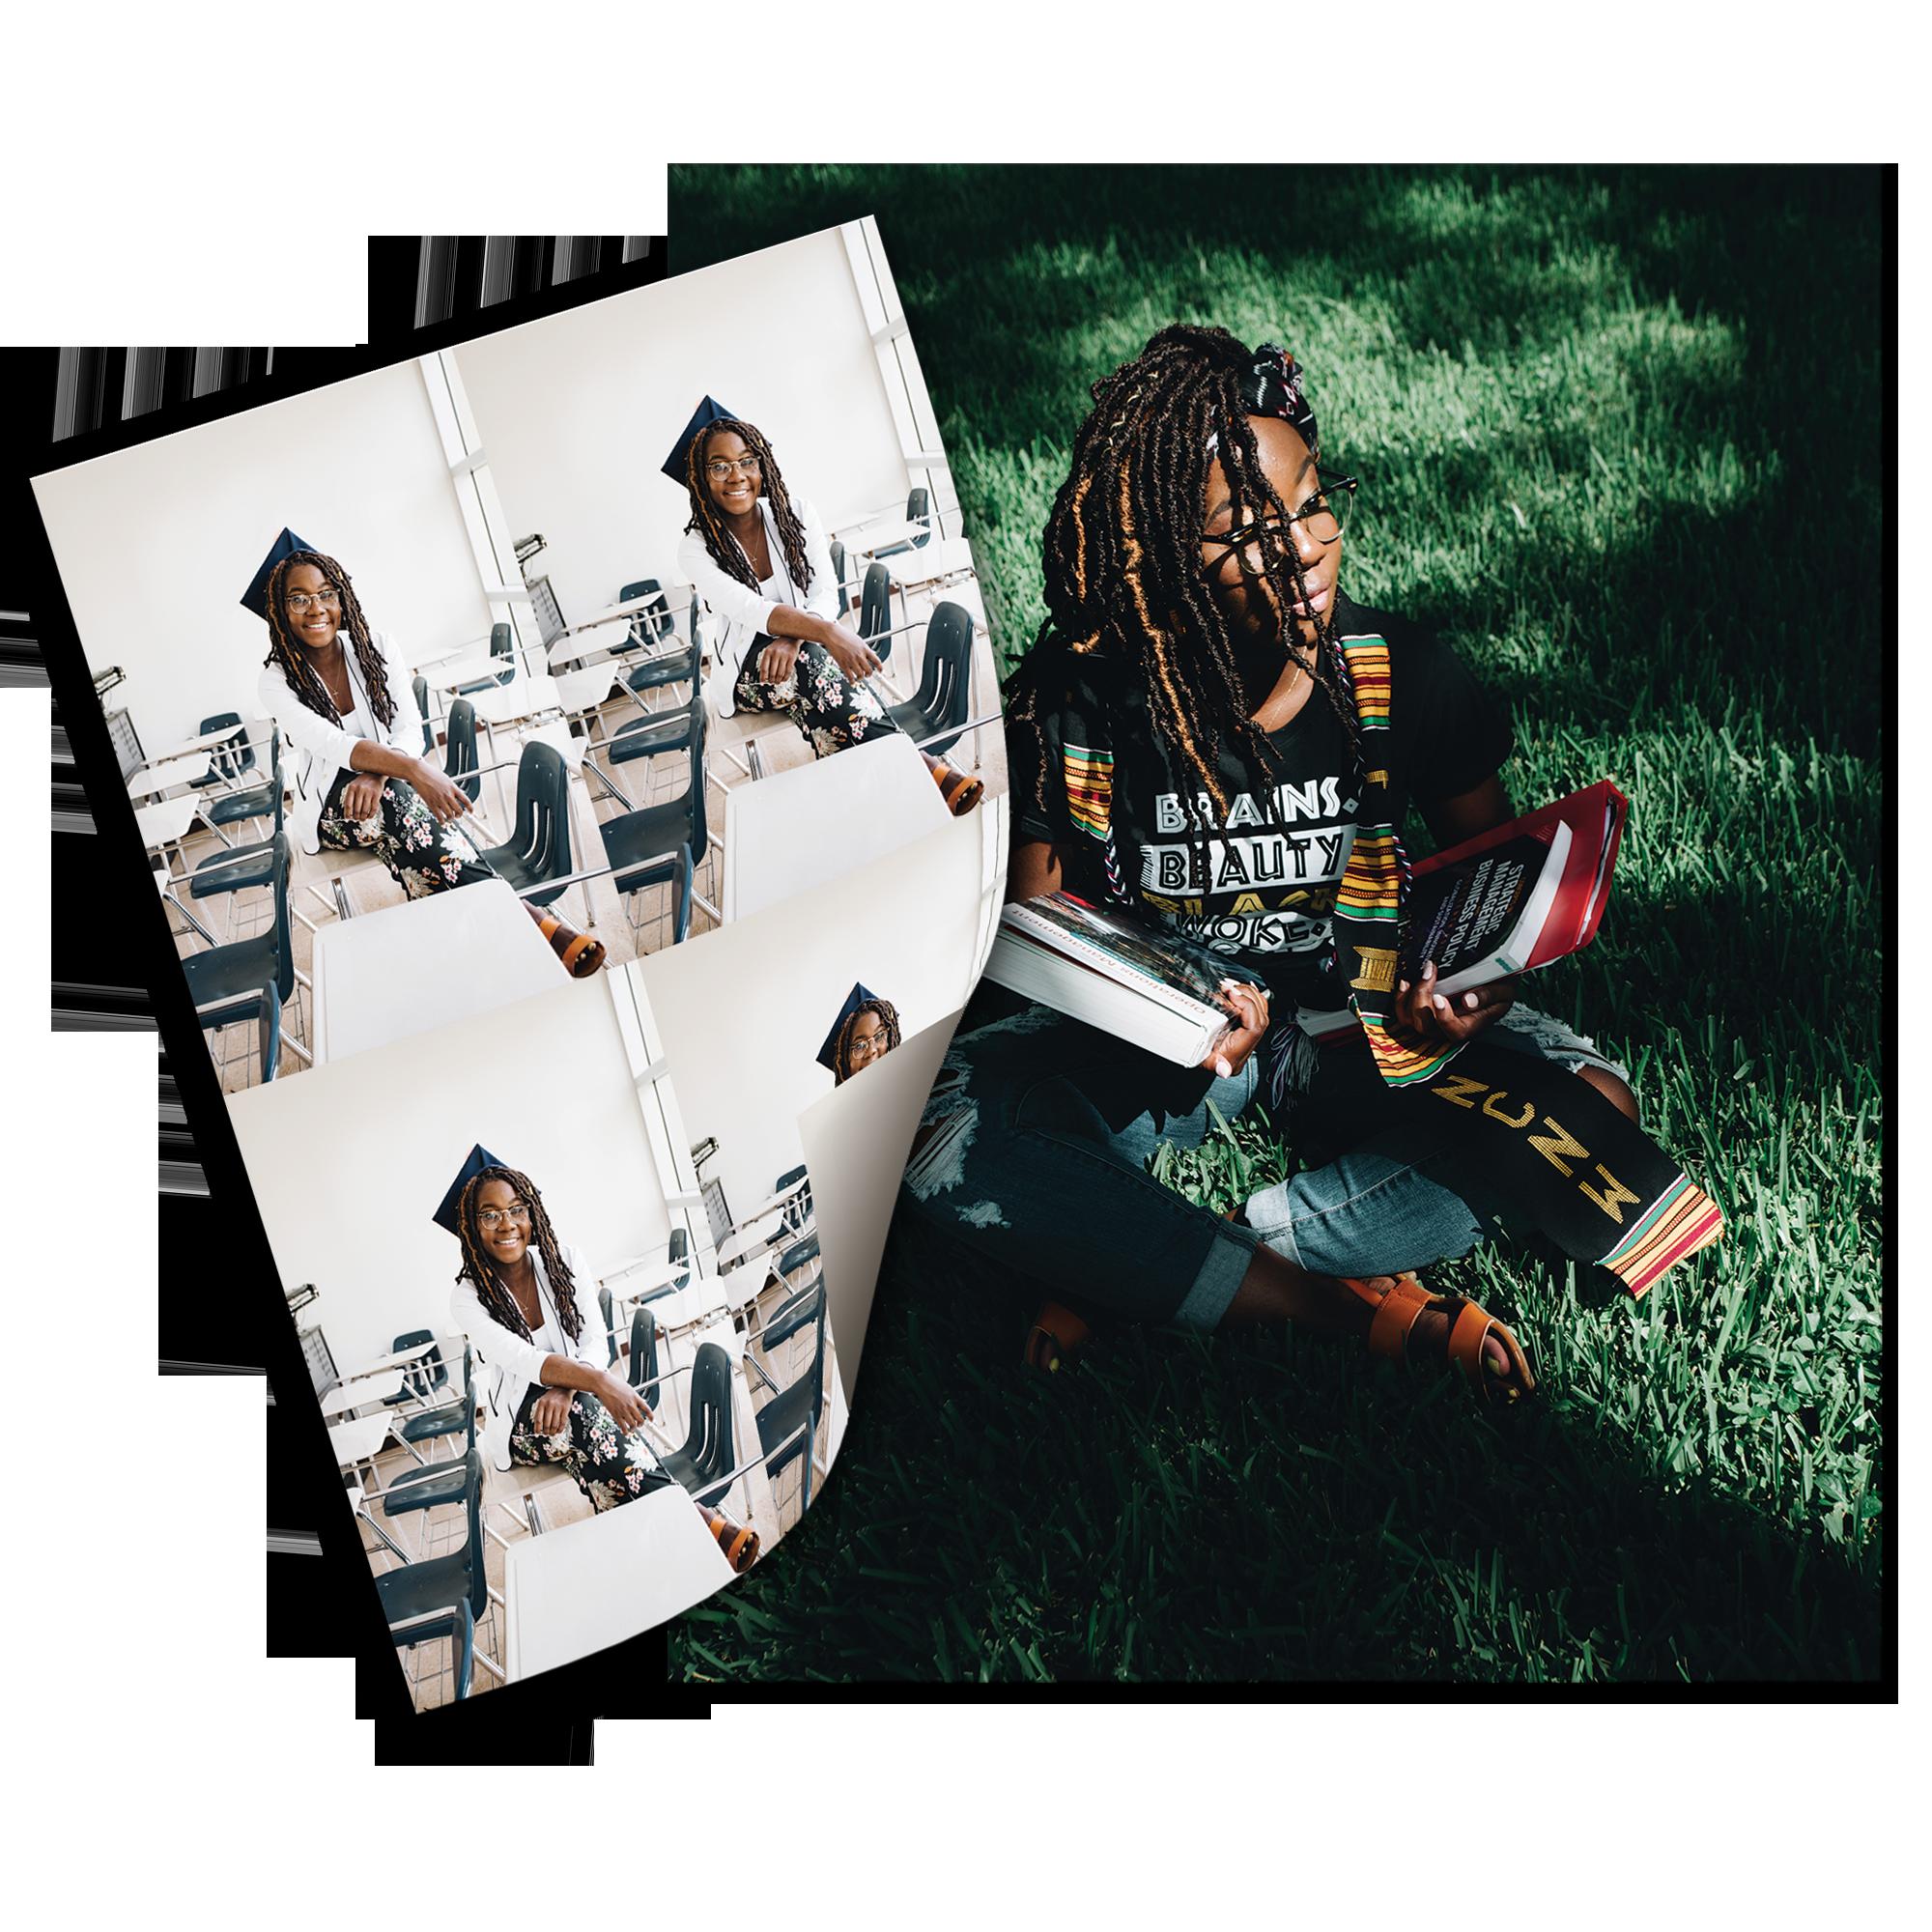 Package #1 Prints: (1) - 8 x 10, (4) - Wallet